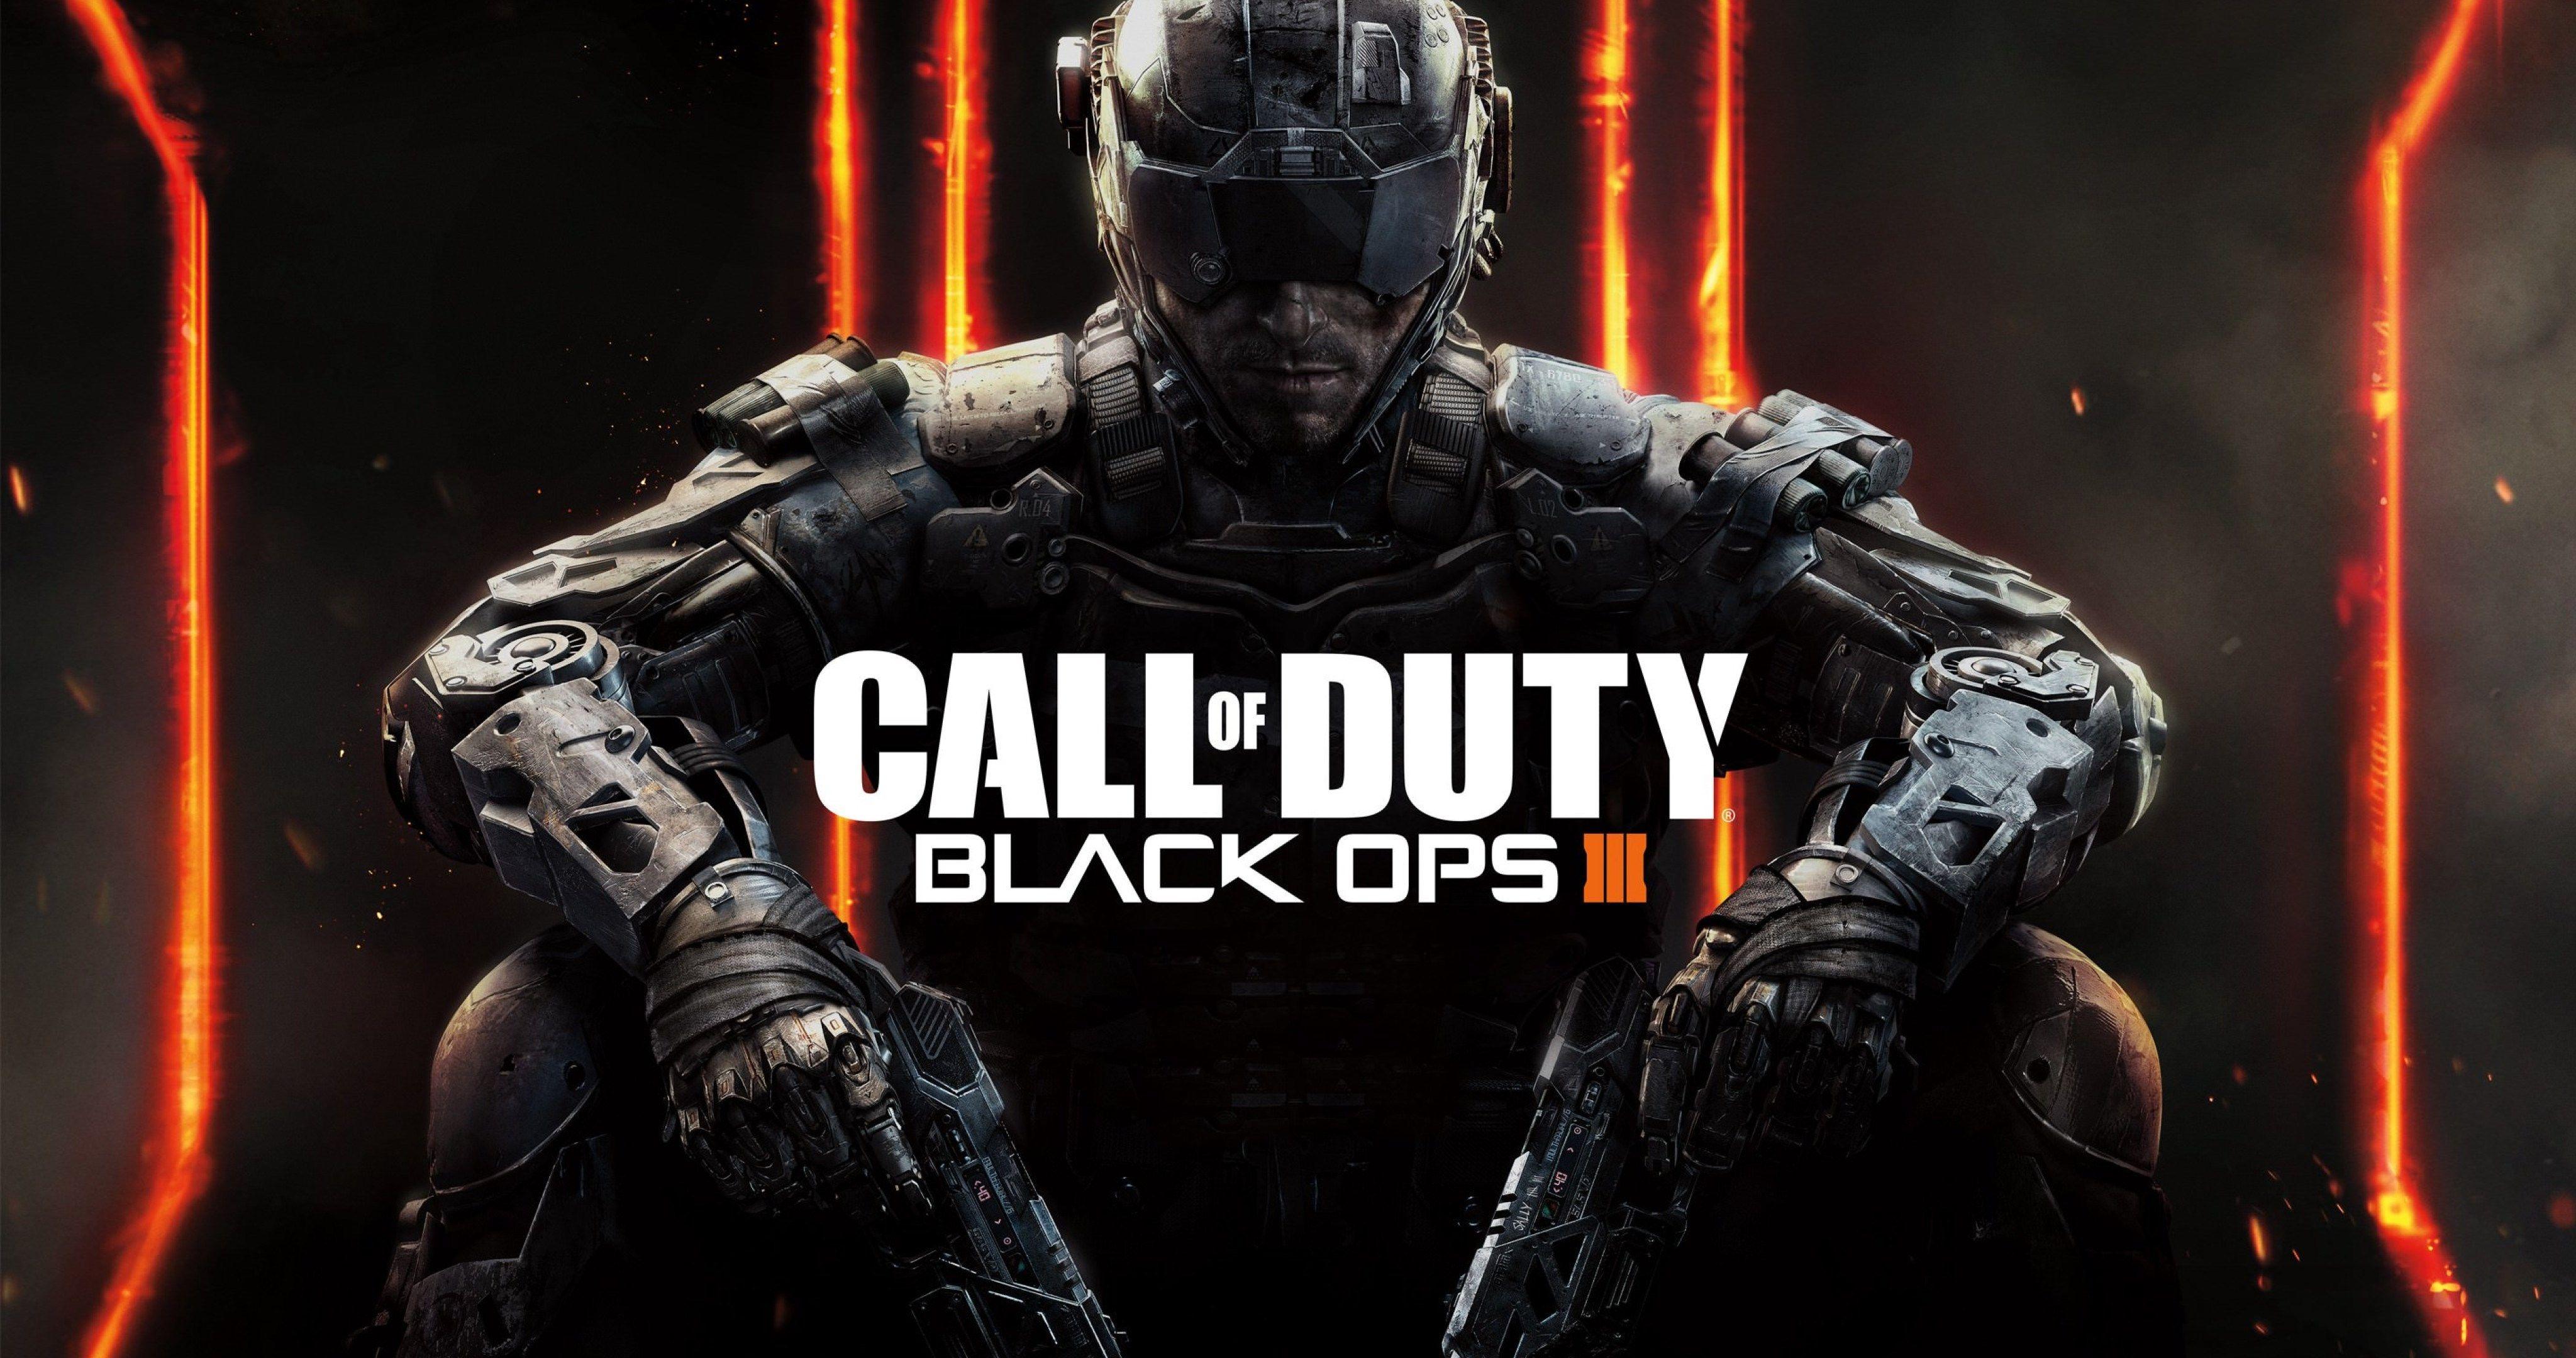 Call Of Duty Black Ops 3 Hd 4k Ultra Hd Wallpaper Call Of Duty Black Ops Iii Call Of Duty Black Ops 3 Call Of Duty Black